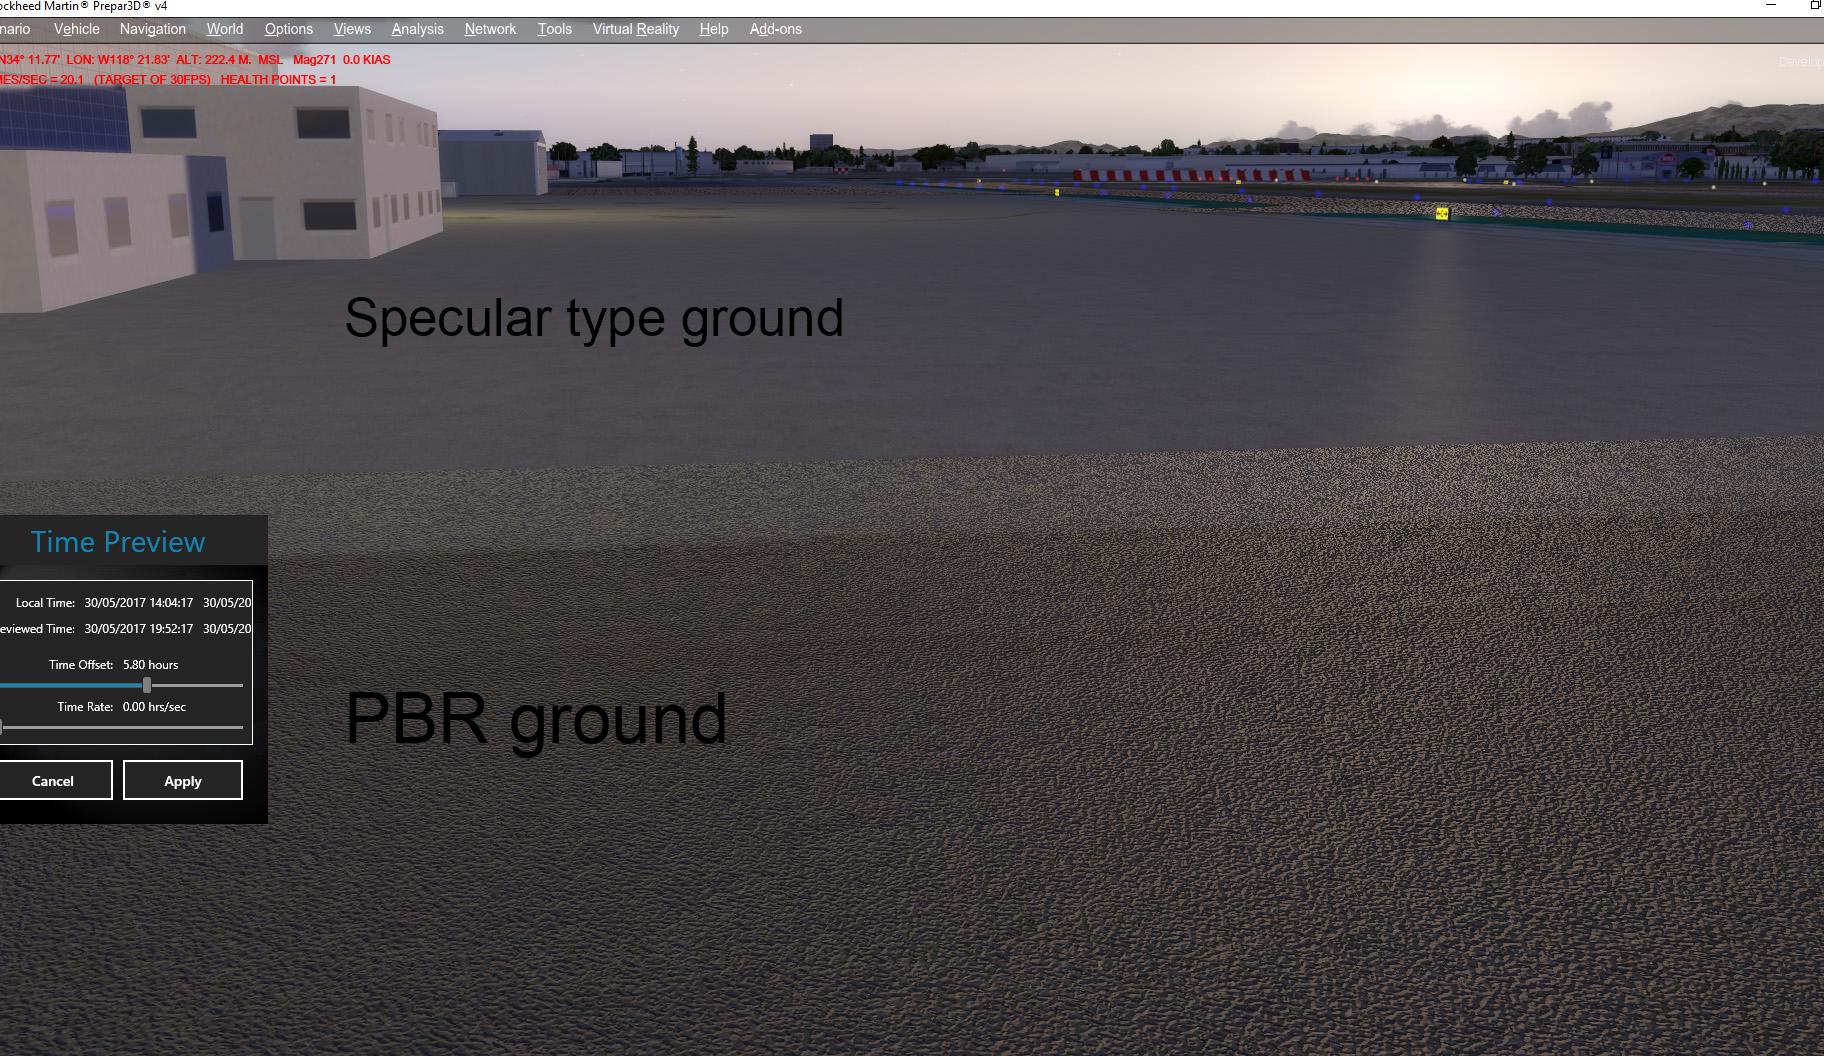 pbr ground.jpg